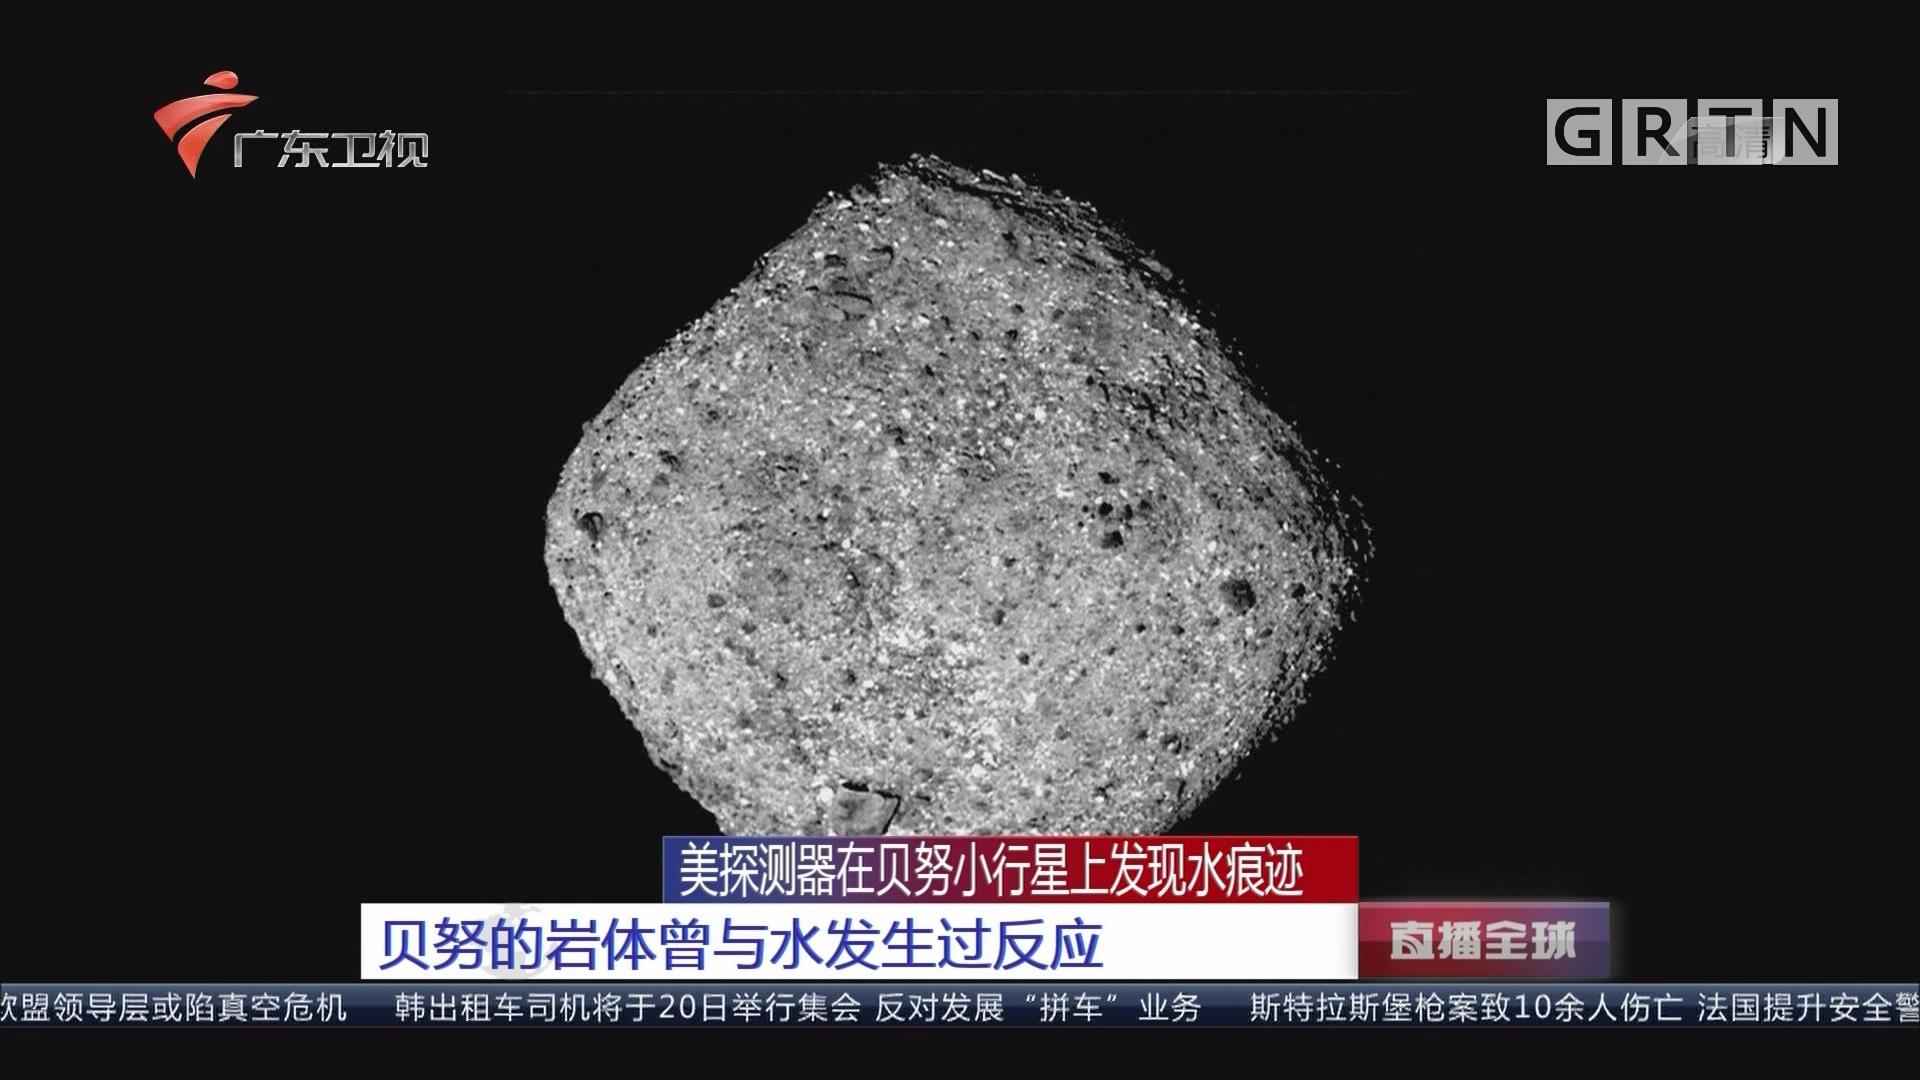 美探测器在贝努小行星上发现水痕迹:贝努的岩体曾与水发生过反应